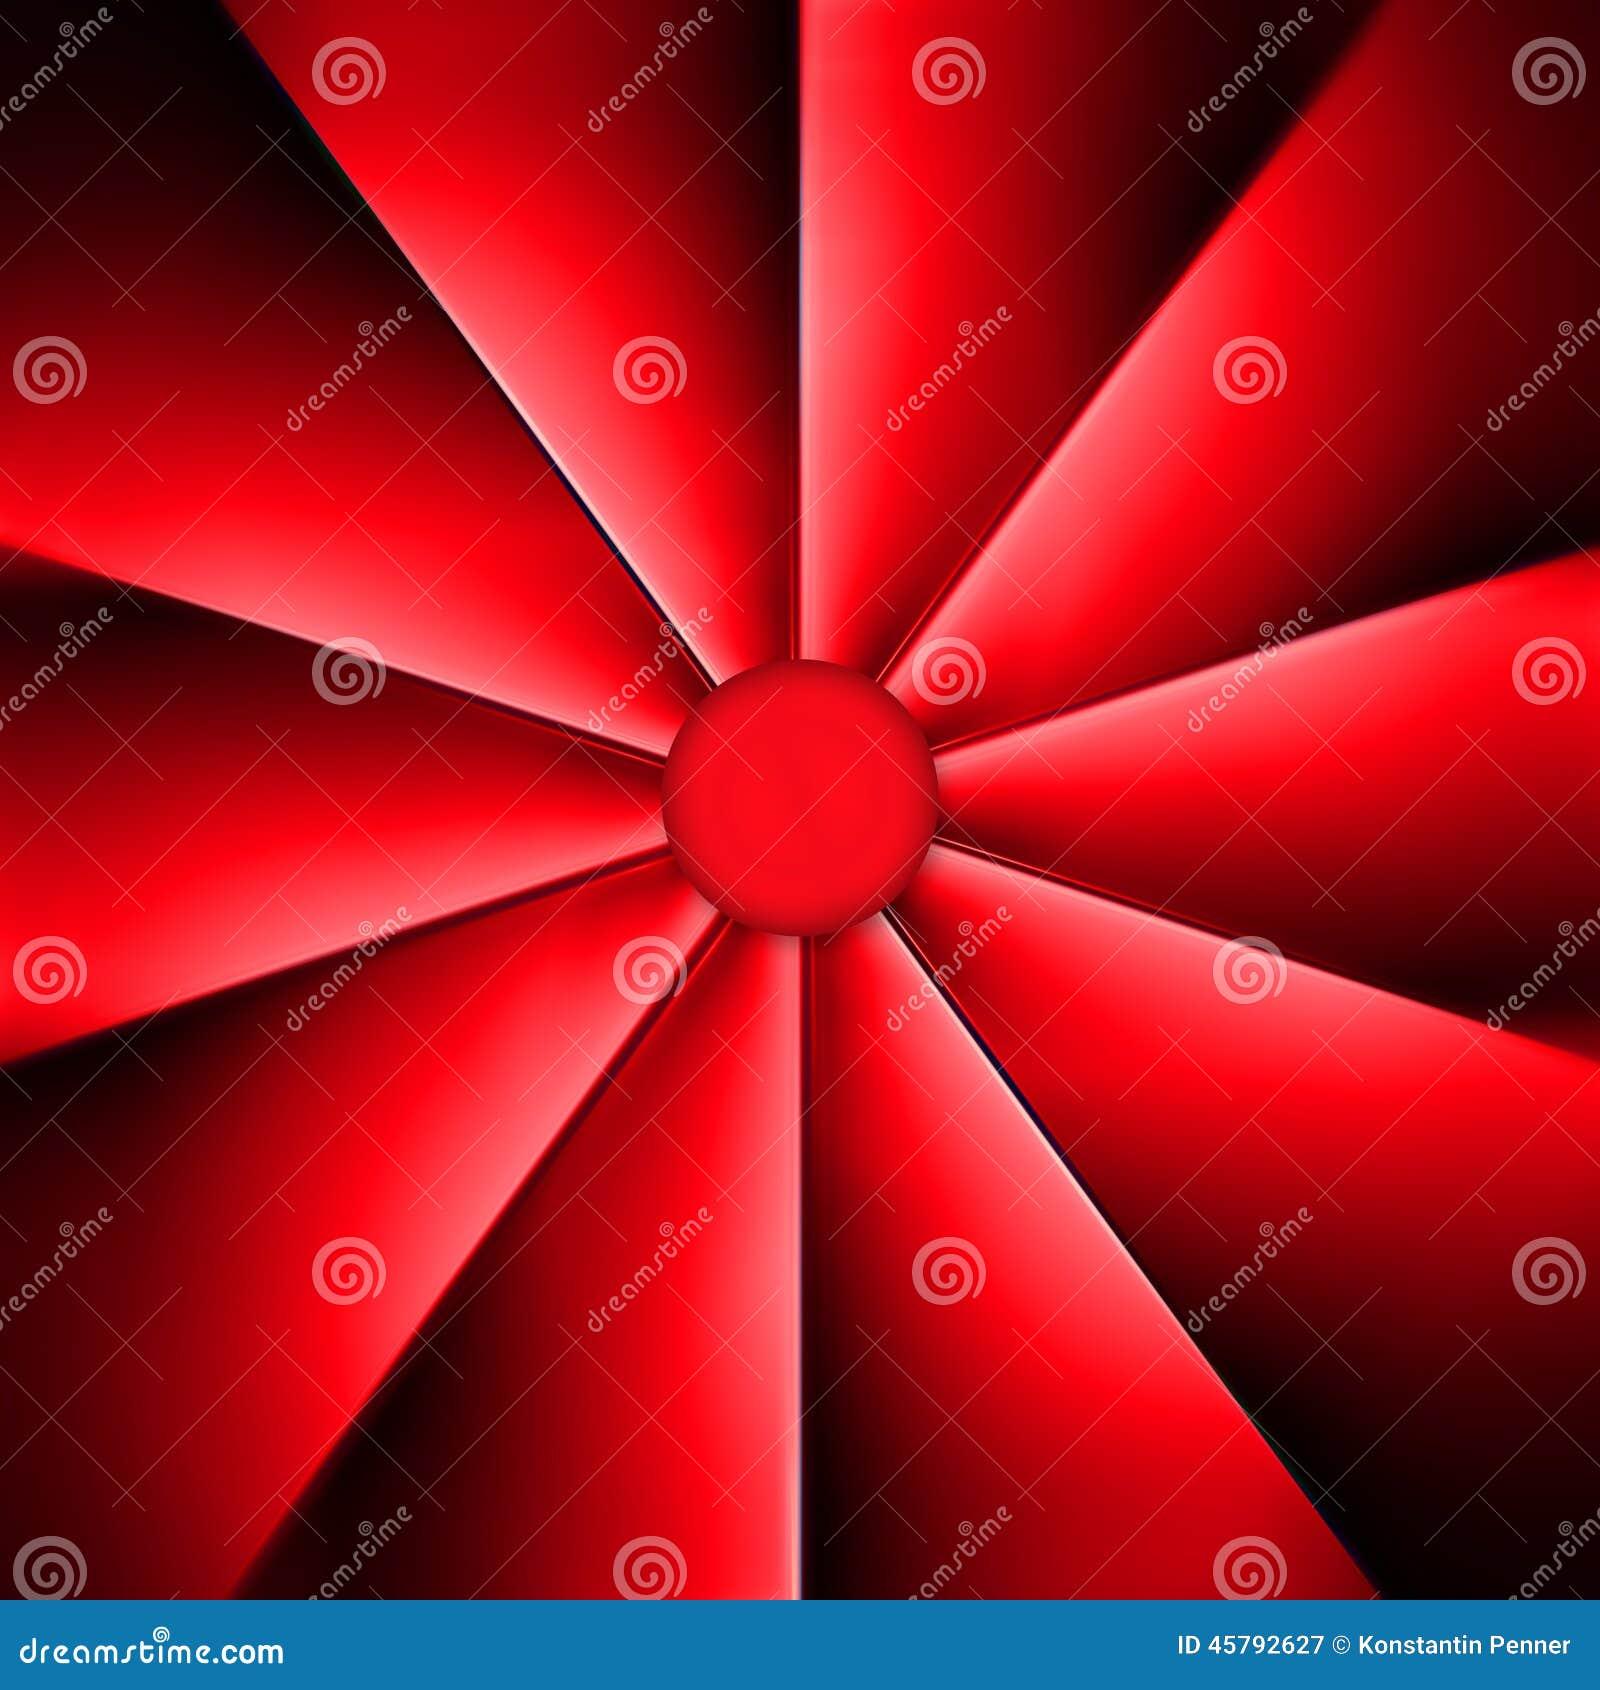 Una fan roja en un fondo oscuro